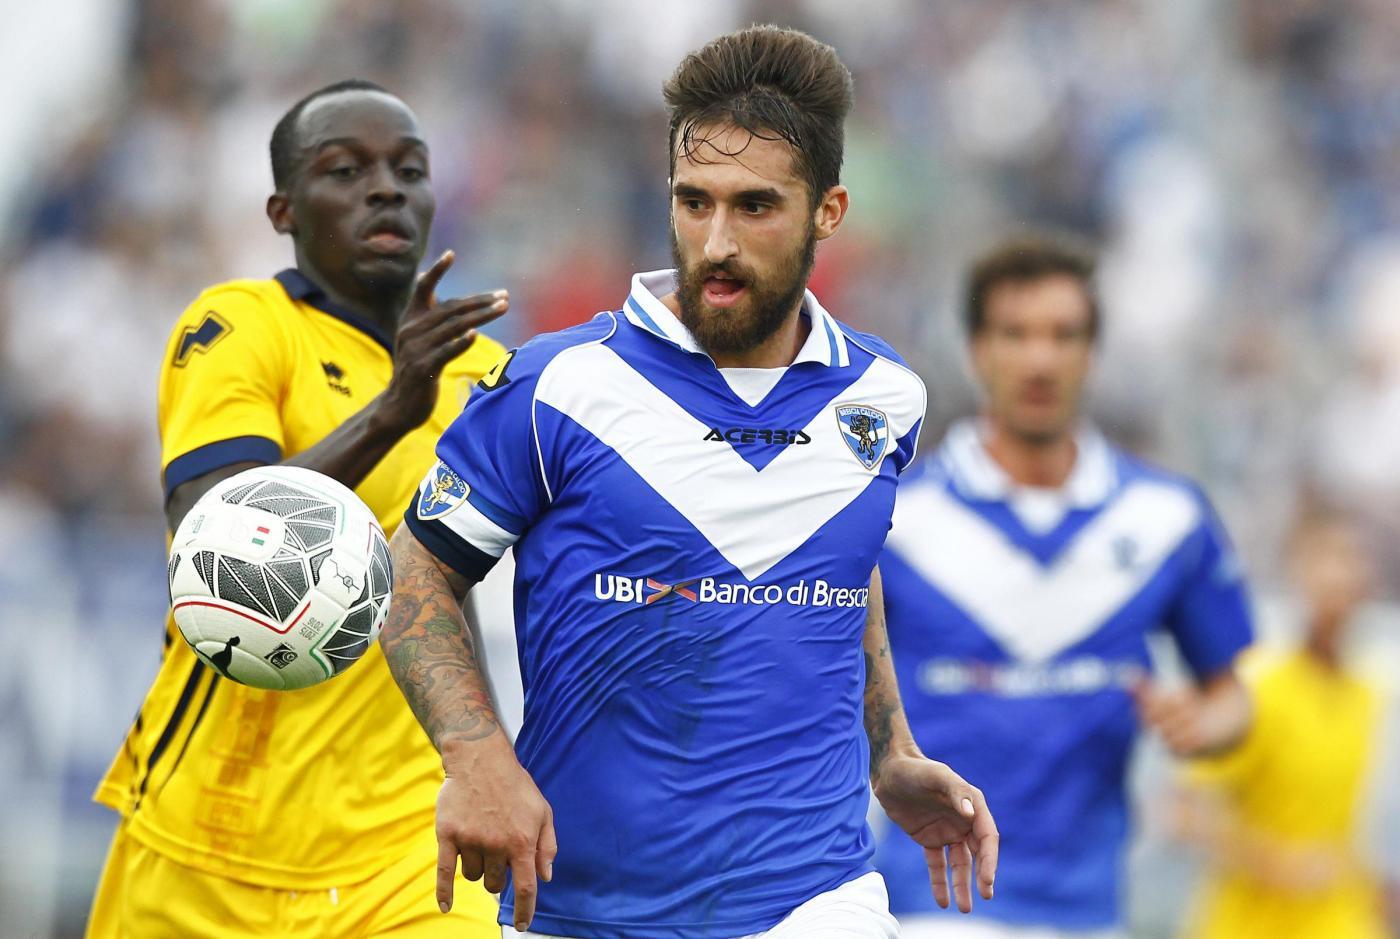 Brescia-Avellino 21 gennaio, analisi e pronostico Serie B giornata 22